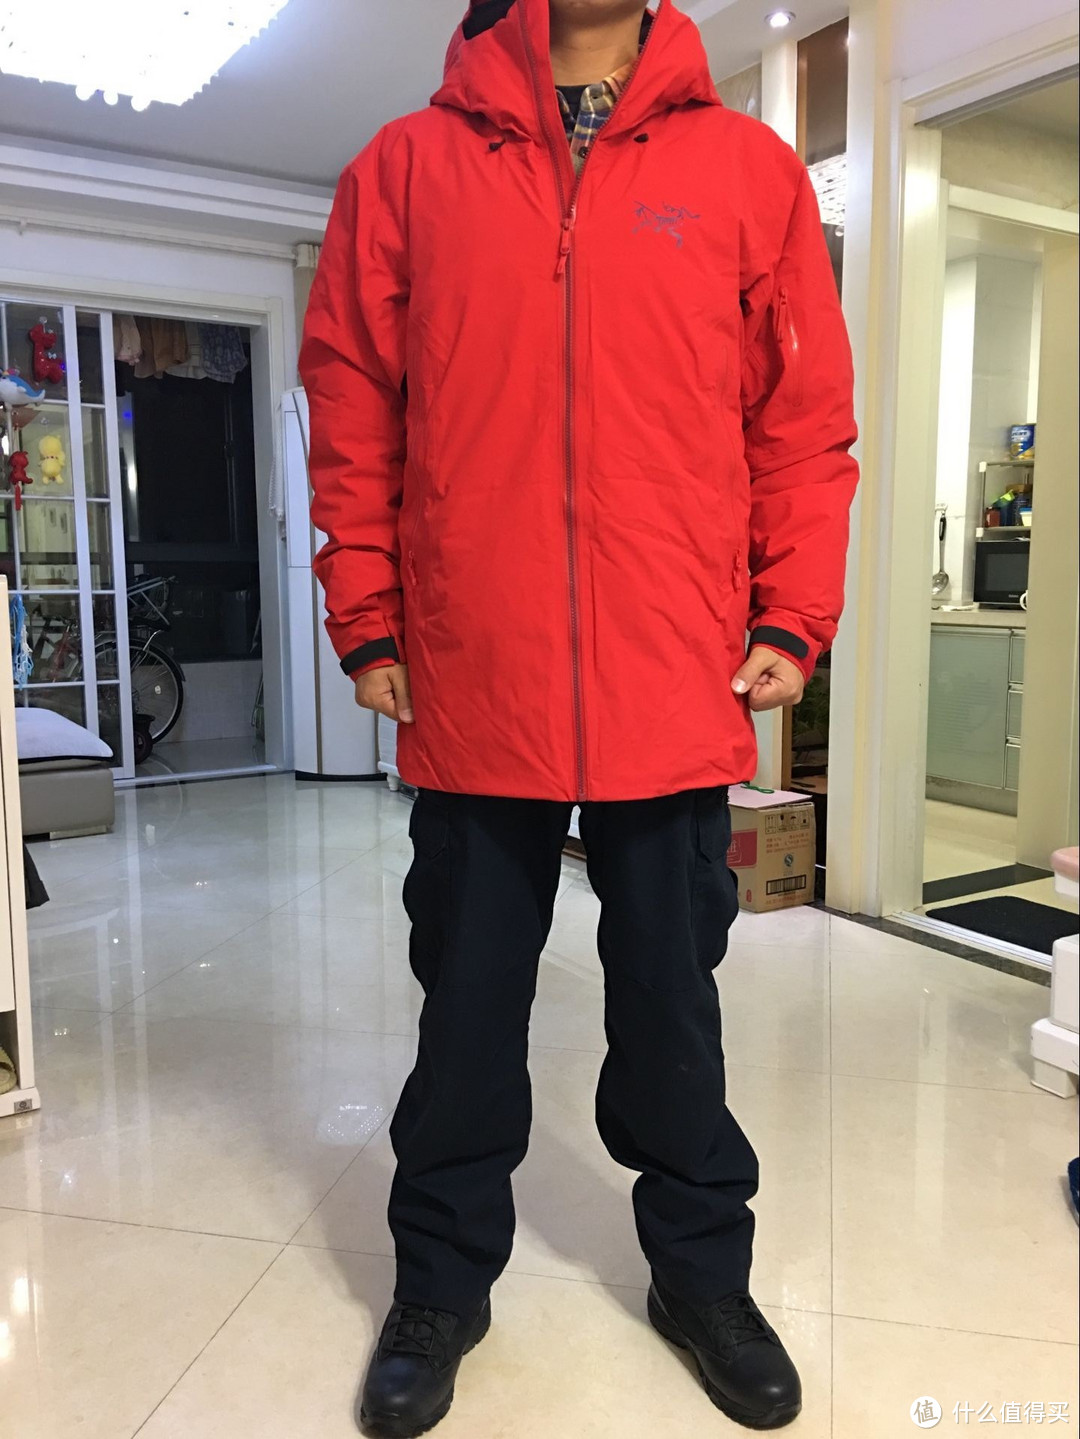 ARC'TERYX 始祖鸟 Fissile Jacket 旗舰硬壳滑雪羽绒服 晒单(内有彩蛋)